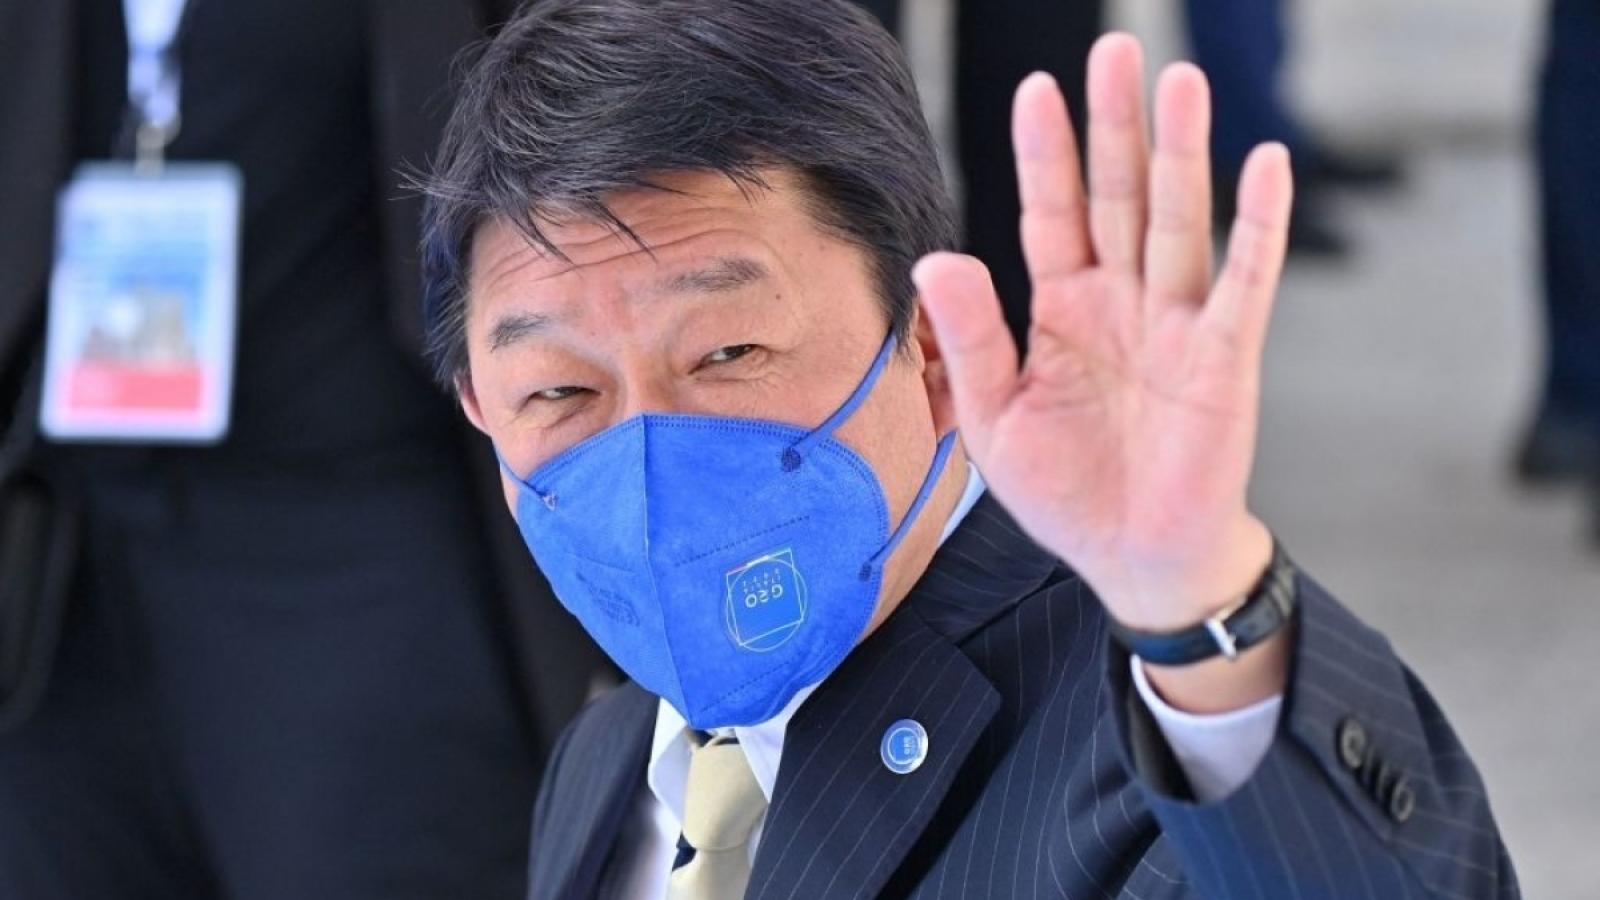 Nhật Bản cung cấp thêm 500.000 liều vaccine Covid-19 cho Việt Nam